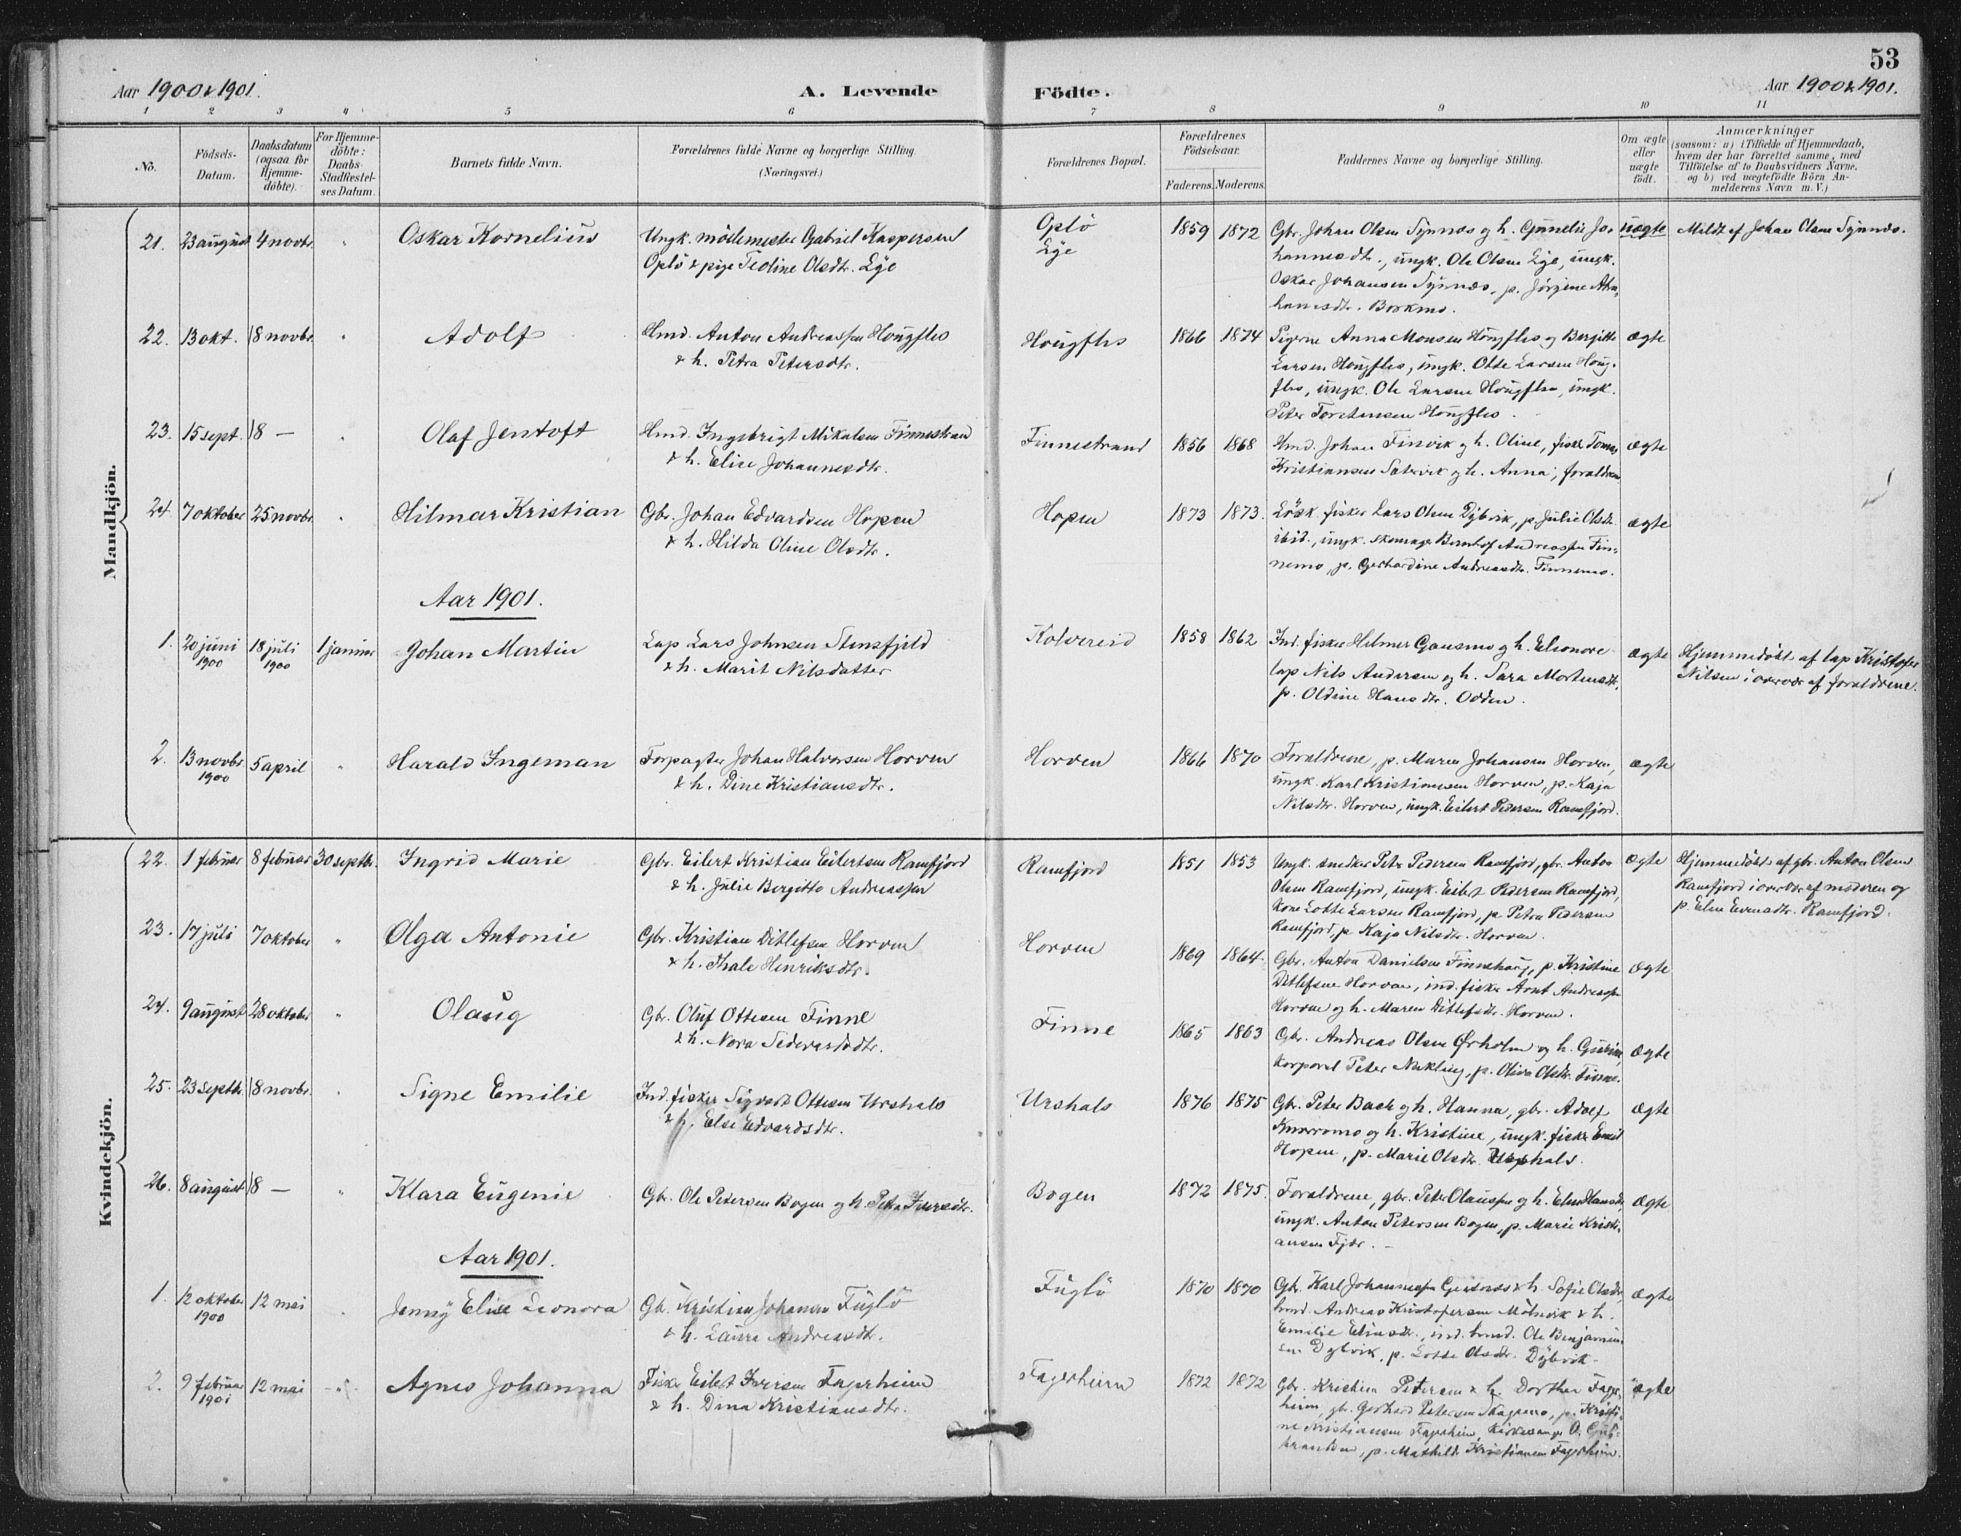 SAT, Ministerialprotokoller, klokkerbøker og fødselsregistre - Nord-Trøndelag, 780/L0644: Ministerialbok nr. 780A08, 1886-1903, s. 53